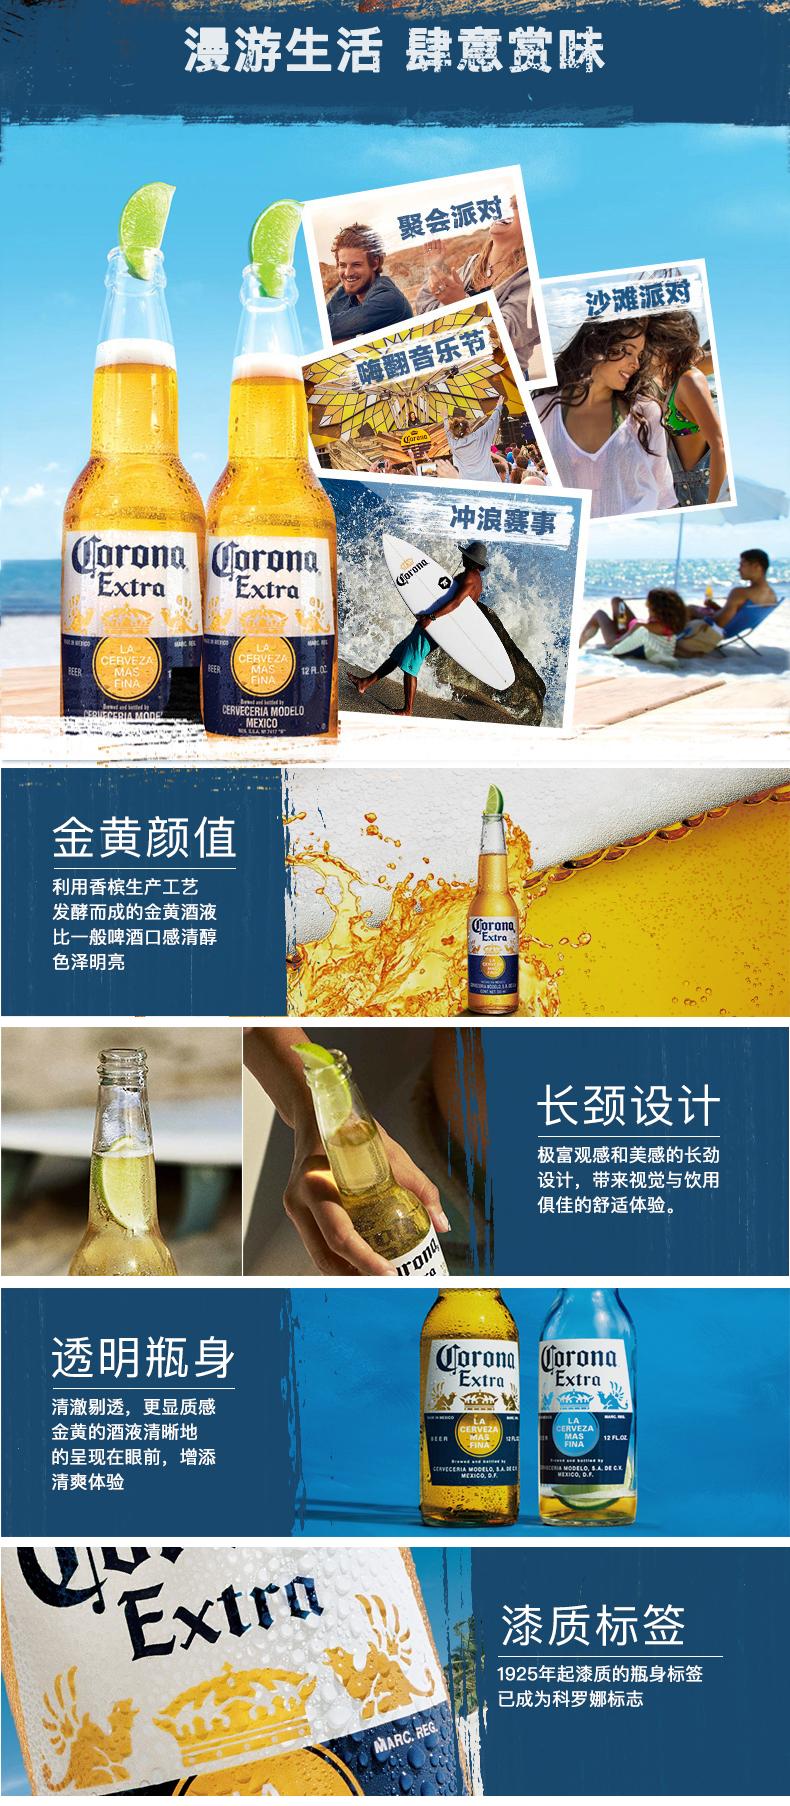 墨西哥原瓶进口: 330mlx48瓶 科罗娜 精酿特级小麦啤酒 券后346元包邮送355mlx12听(灌装) 买手党-买手聚集的地方